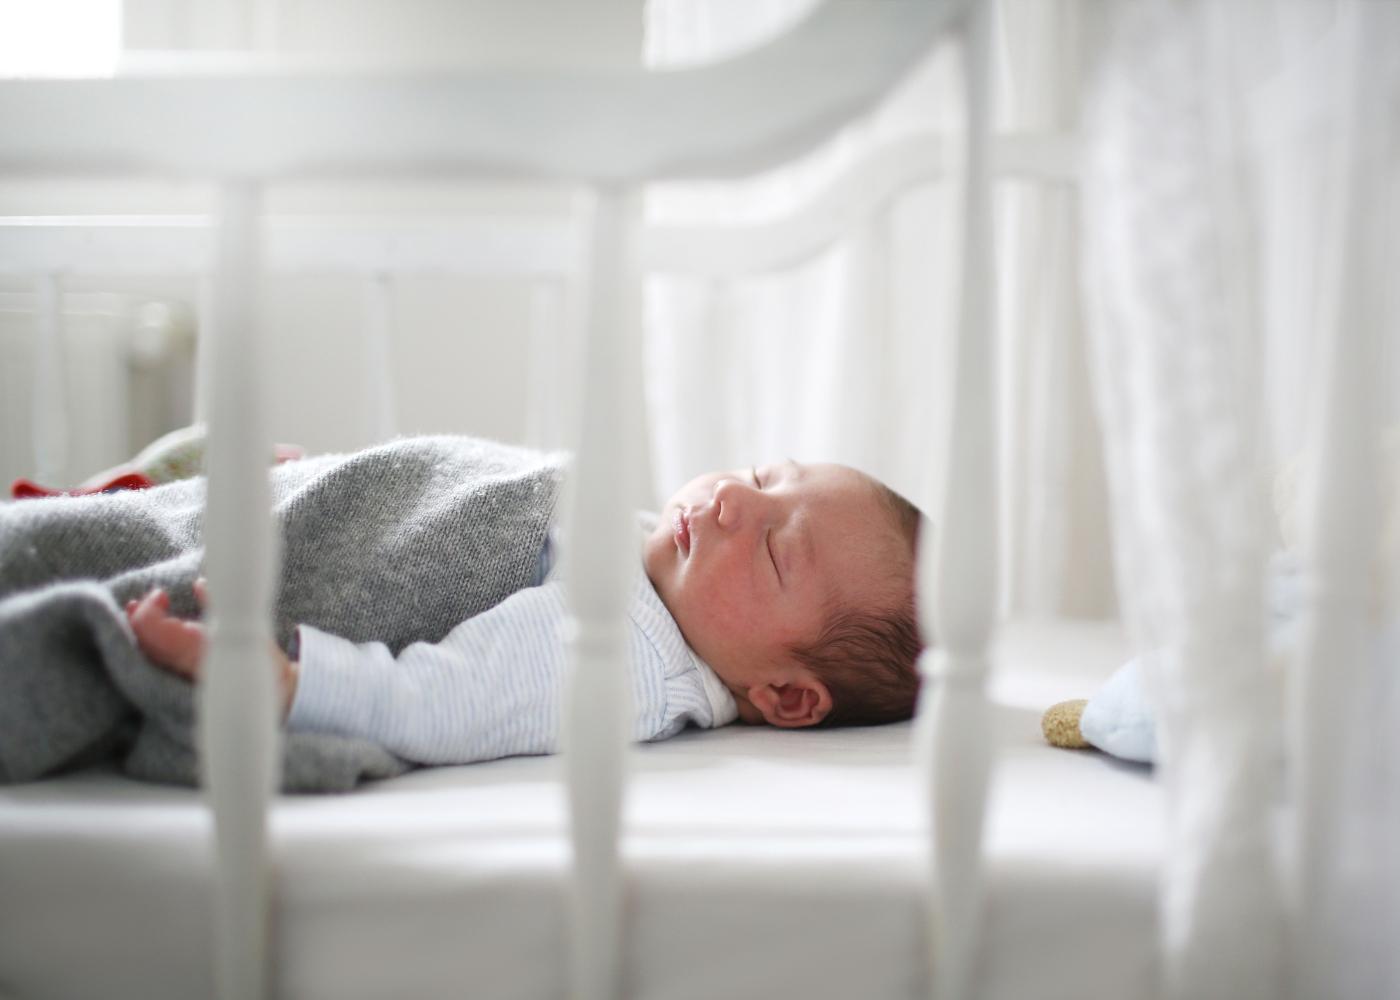 bebé no berço a dormir